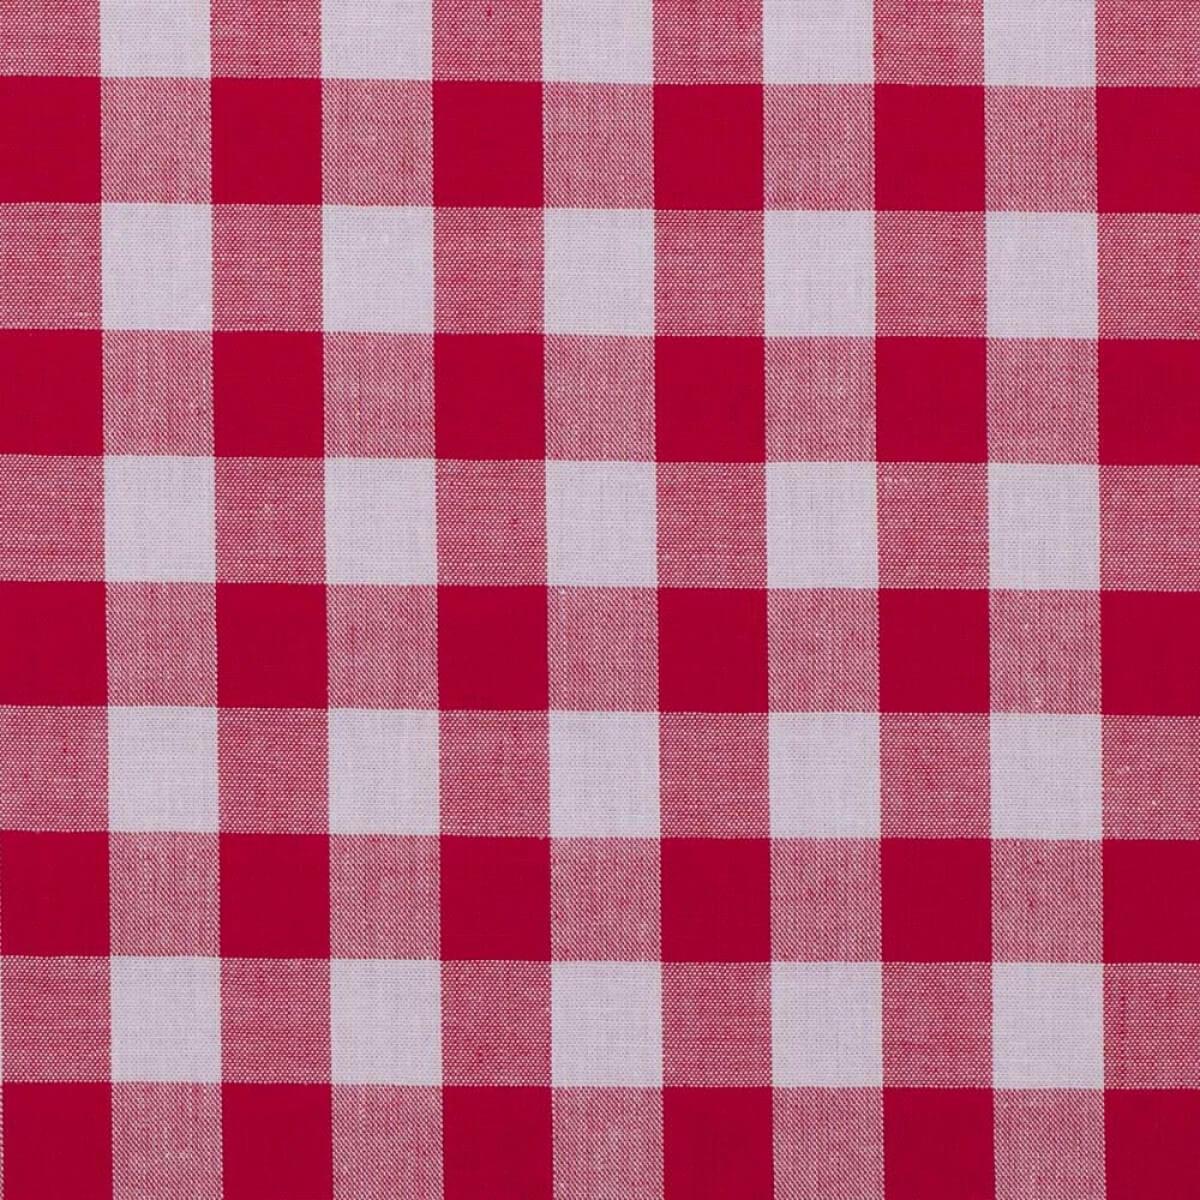 Tissu Vichy Grand Carreaux Rouge Blanc Mercerie Caréfil